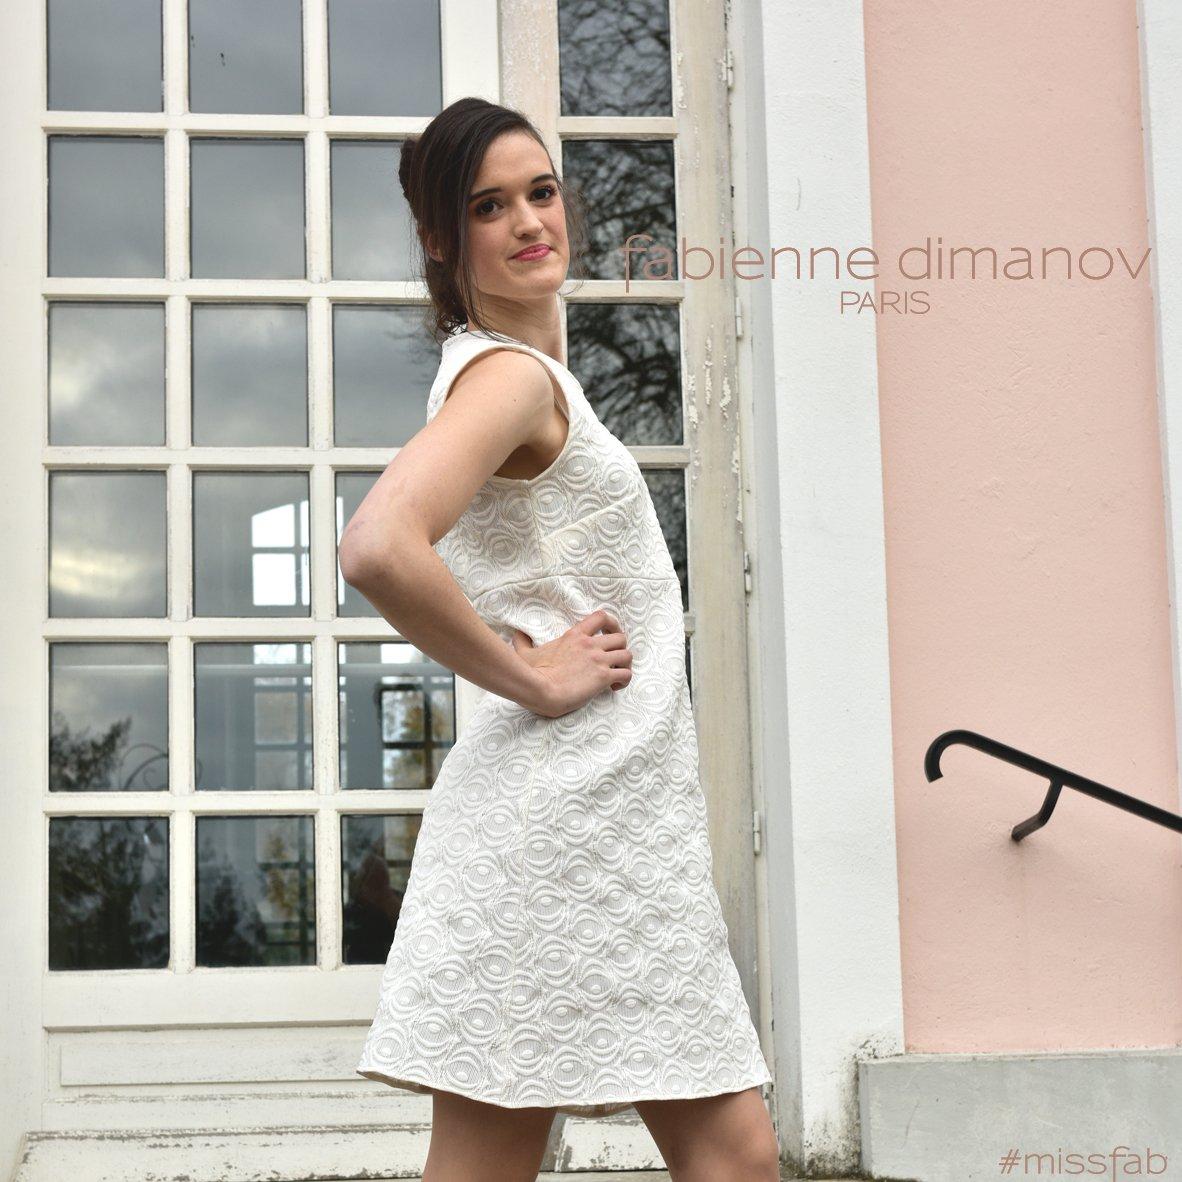 dc1a8468668 La petite robe trapèze Miss fab personnalisable - nouveau modèle 2018  signée Fabienne Dimanov Parispic.twitter.com EH5wstPqGN